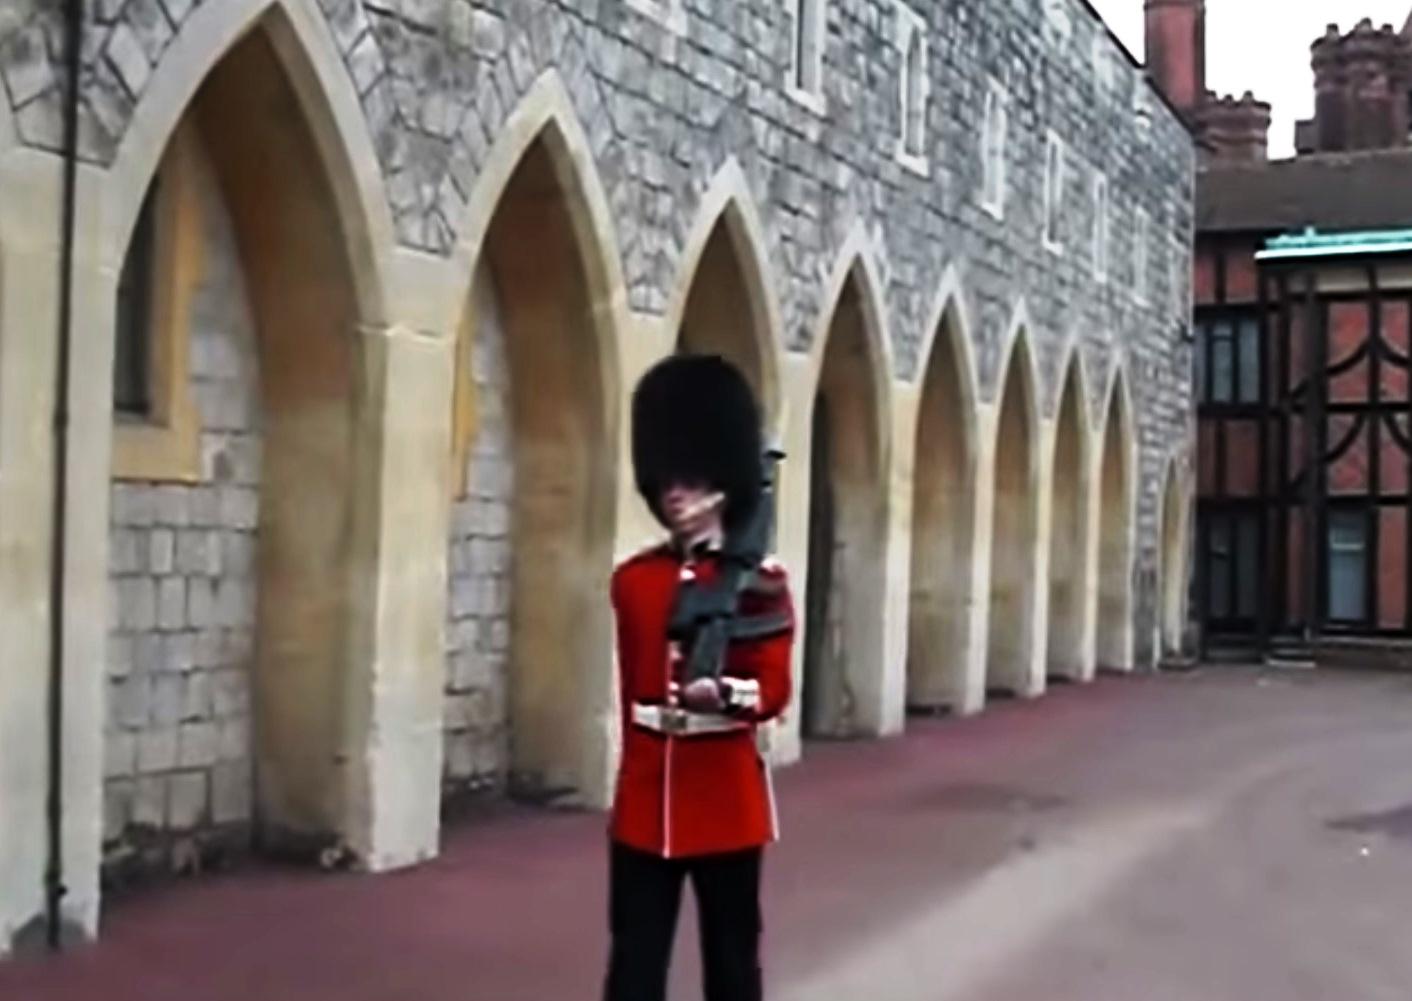 queen's guard (Array)